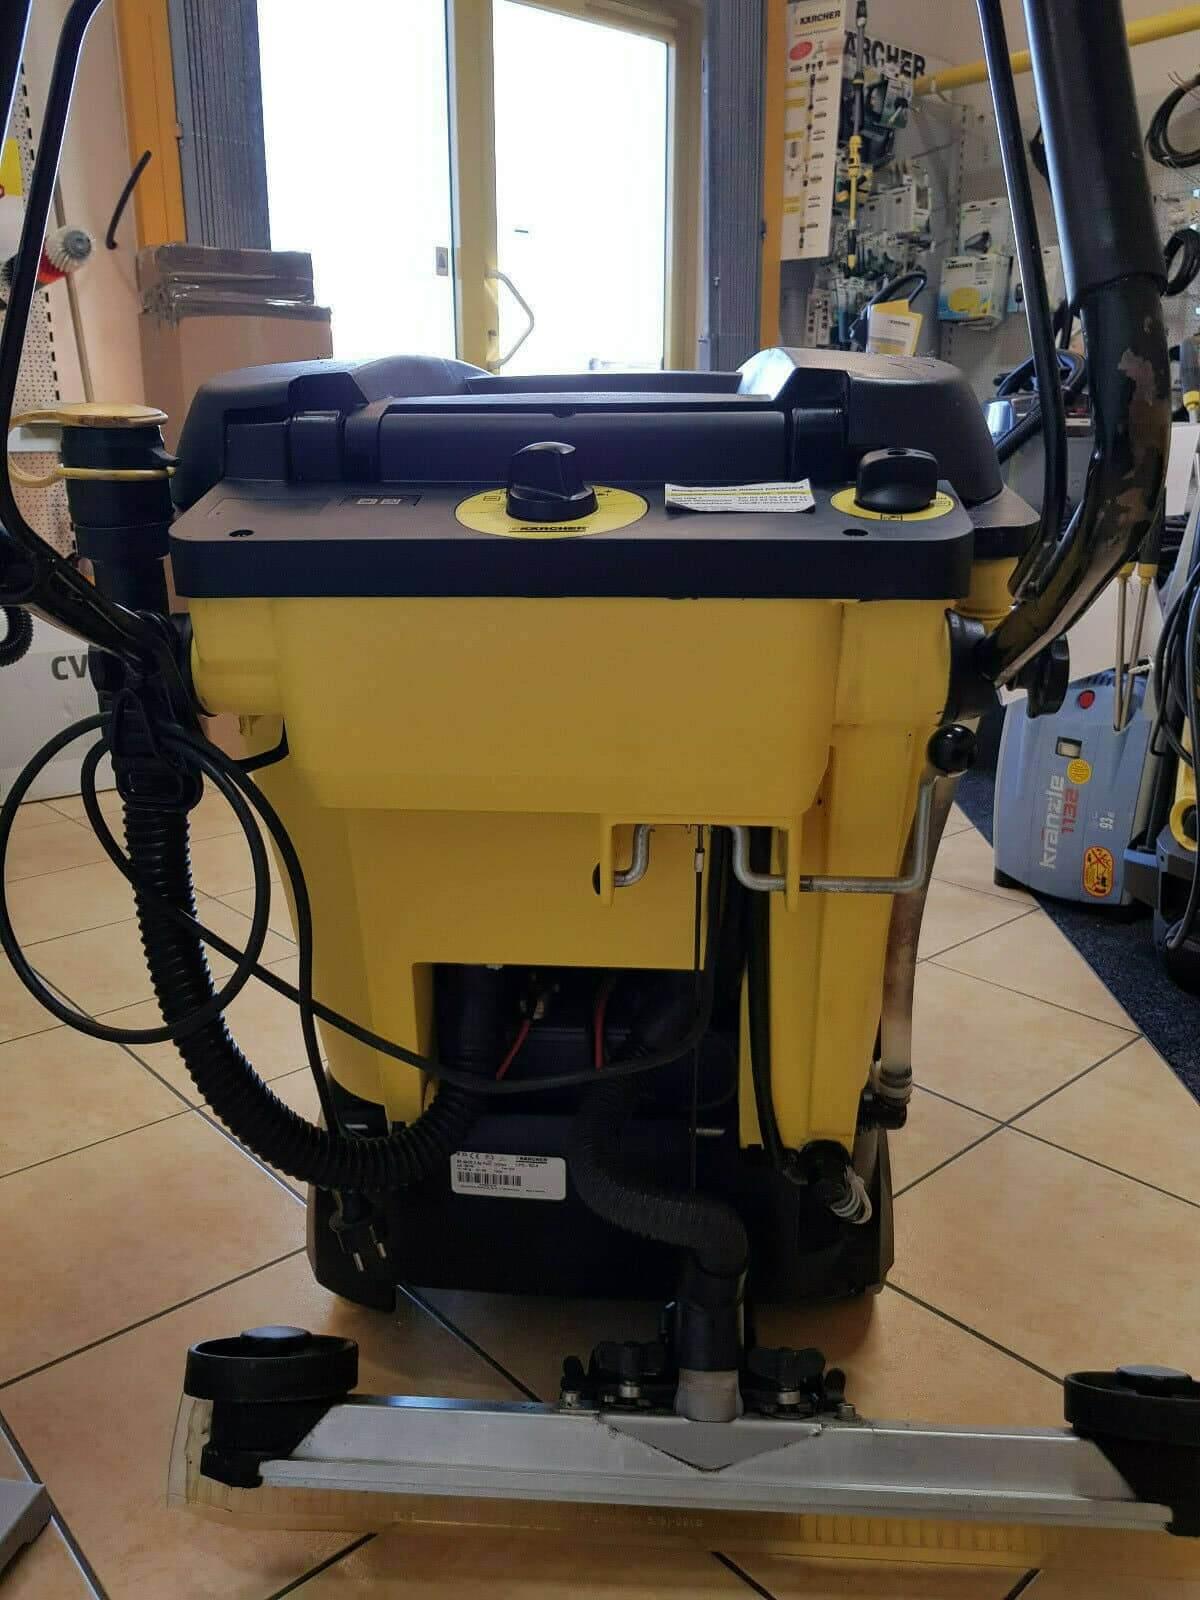 Zum Heranzoomen mit der Maus über das Bild fahren Zum Heranzoomen über das Foto bewegen Kaercher-BR-40-25-C-Bp-Pack-Jubilee-Scheuersaugmaschine-24-V-1-515-303-0 Indexbild 1 Kaercher-BR-40-25-C-Bp-Pack-Jubilee-Scheuersaugmaschine-24-V-1-515-303-0 Indexbild 2 Kaercher-BR-40-25-C-Bp-Pack-Jubilee-Scheuersaugmaschine-24-V-1-515-303-0 Indexbild 3 Kaercher-BR-40-25-C-Bp-Pack-Jubilee-Scheuersaugmaschine-24-V-1-515-303-0 Indexbild 4 Kaercher-BR-40-25-C-Bp-Pack-Jubilee-Scheuersaugmaschine-24-V-1-515-303-0 Indexbild 5 Kaercher-BR-40-25-C-Bp-Pack-Jubilee-Scheuersaugmaschine-24-V-1-515-303-0 Indexbild 6 Kaercher-BR-40-25-C-Bp-Pack-Jubilee-Scheuersaugmaschine-24-V-1-515-303-0 Indexbild 7 Kaercher-BR-40-25-C-Bp-Pack-Jubilee-Scheuersaugmaschine-24-V-1-515-303-0 Indexbild 8 Kaercher-BR-40-25-C-Bp-Pack-Jubilee-Scheuersaugmaschine-24-V-1-515-303-0 Indexbild 9 Ähnlichen Artikel verkaufen? Selbst verkaufen Kärcher BR 40/25 C Bp Pack Jubilee Scheuersaugmaschine 24 V 1.515-303.0